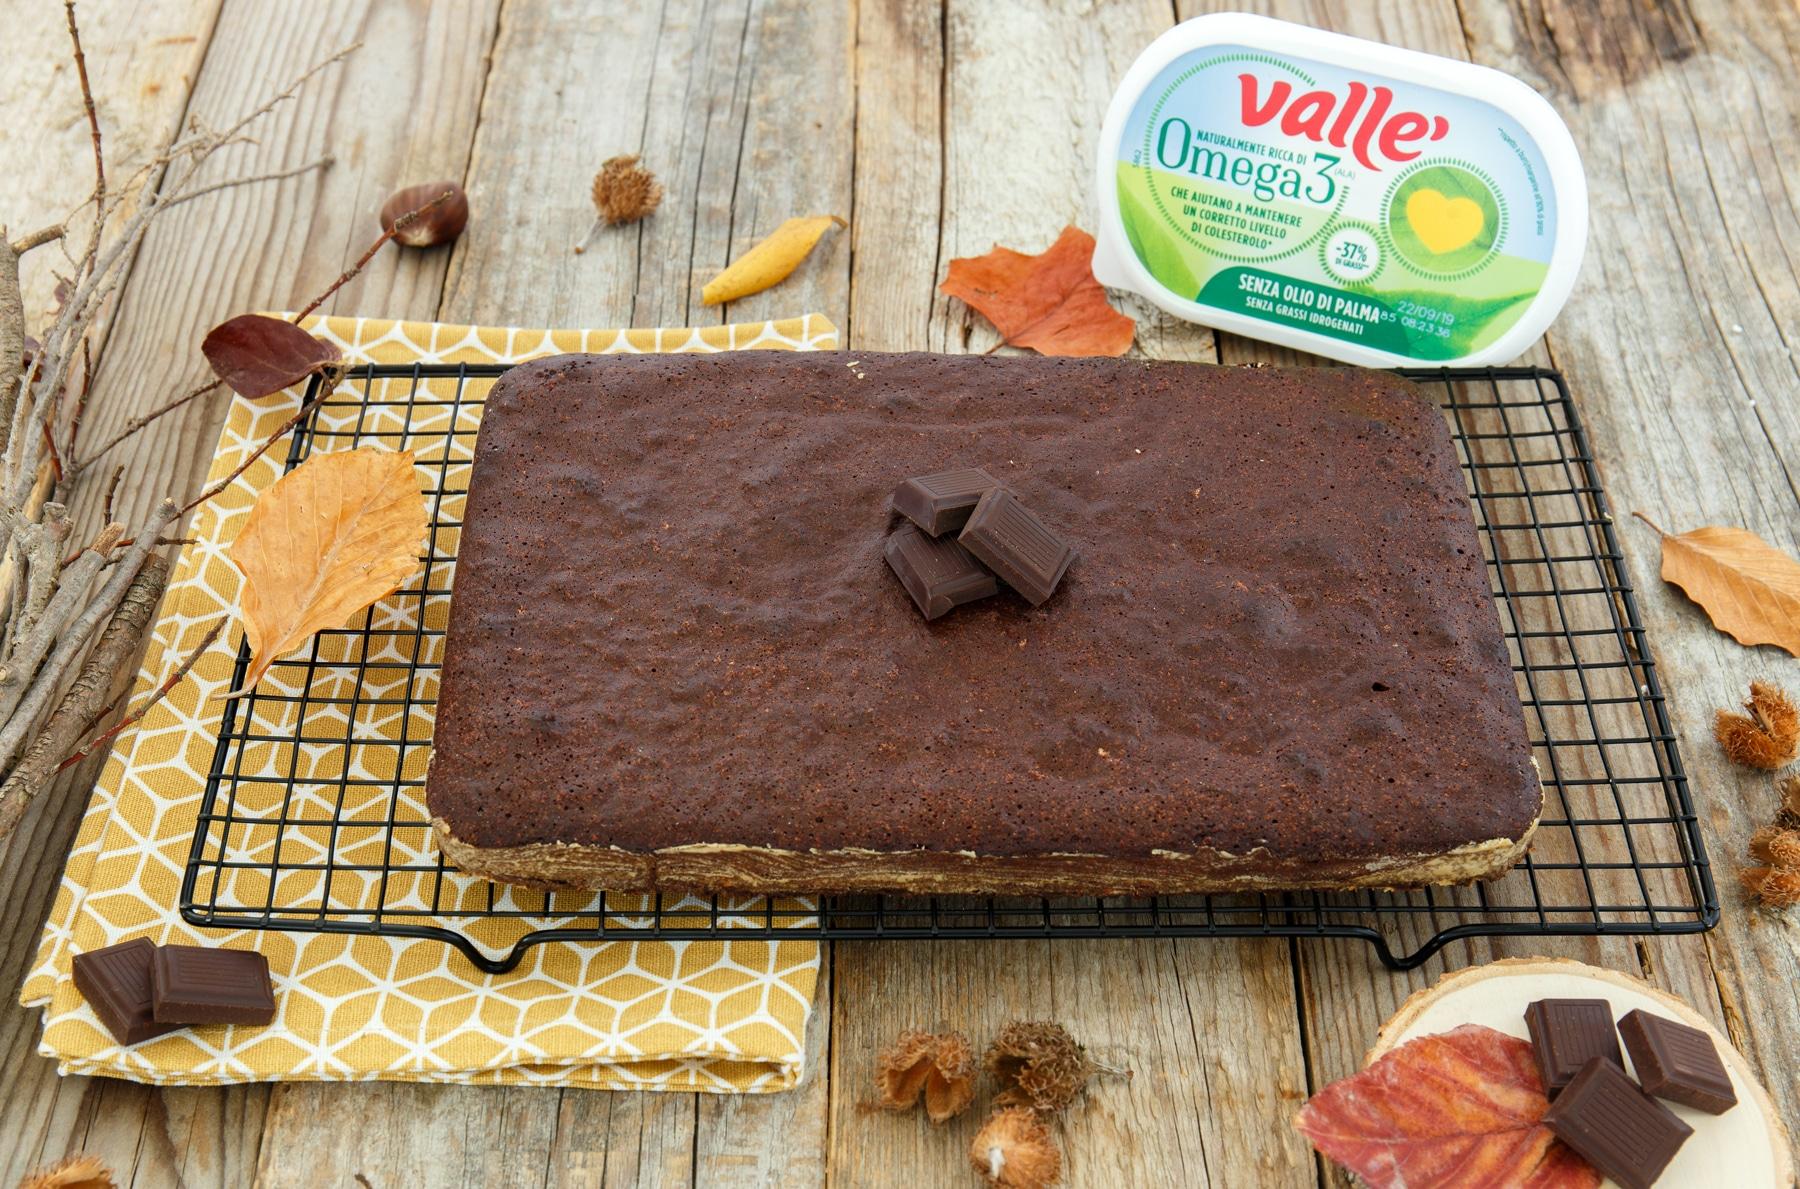 Torta bassa al cioccolato 75%